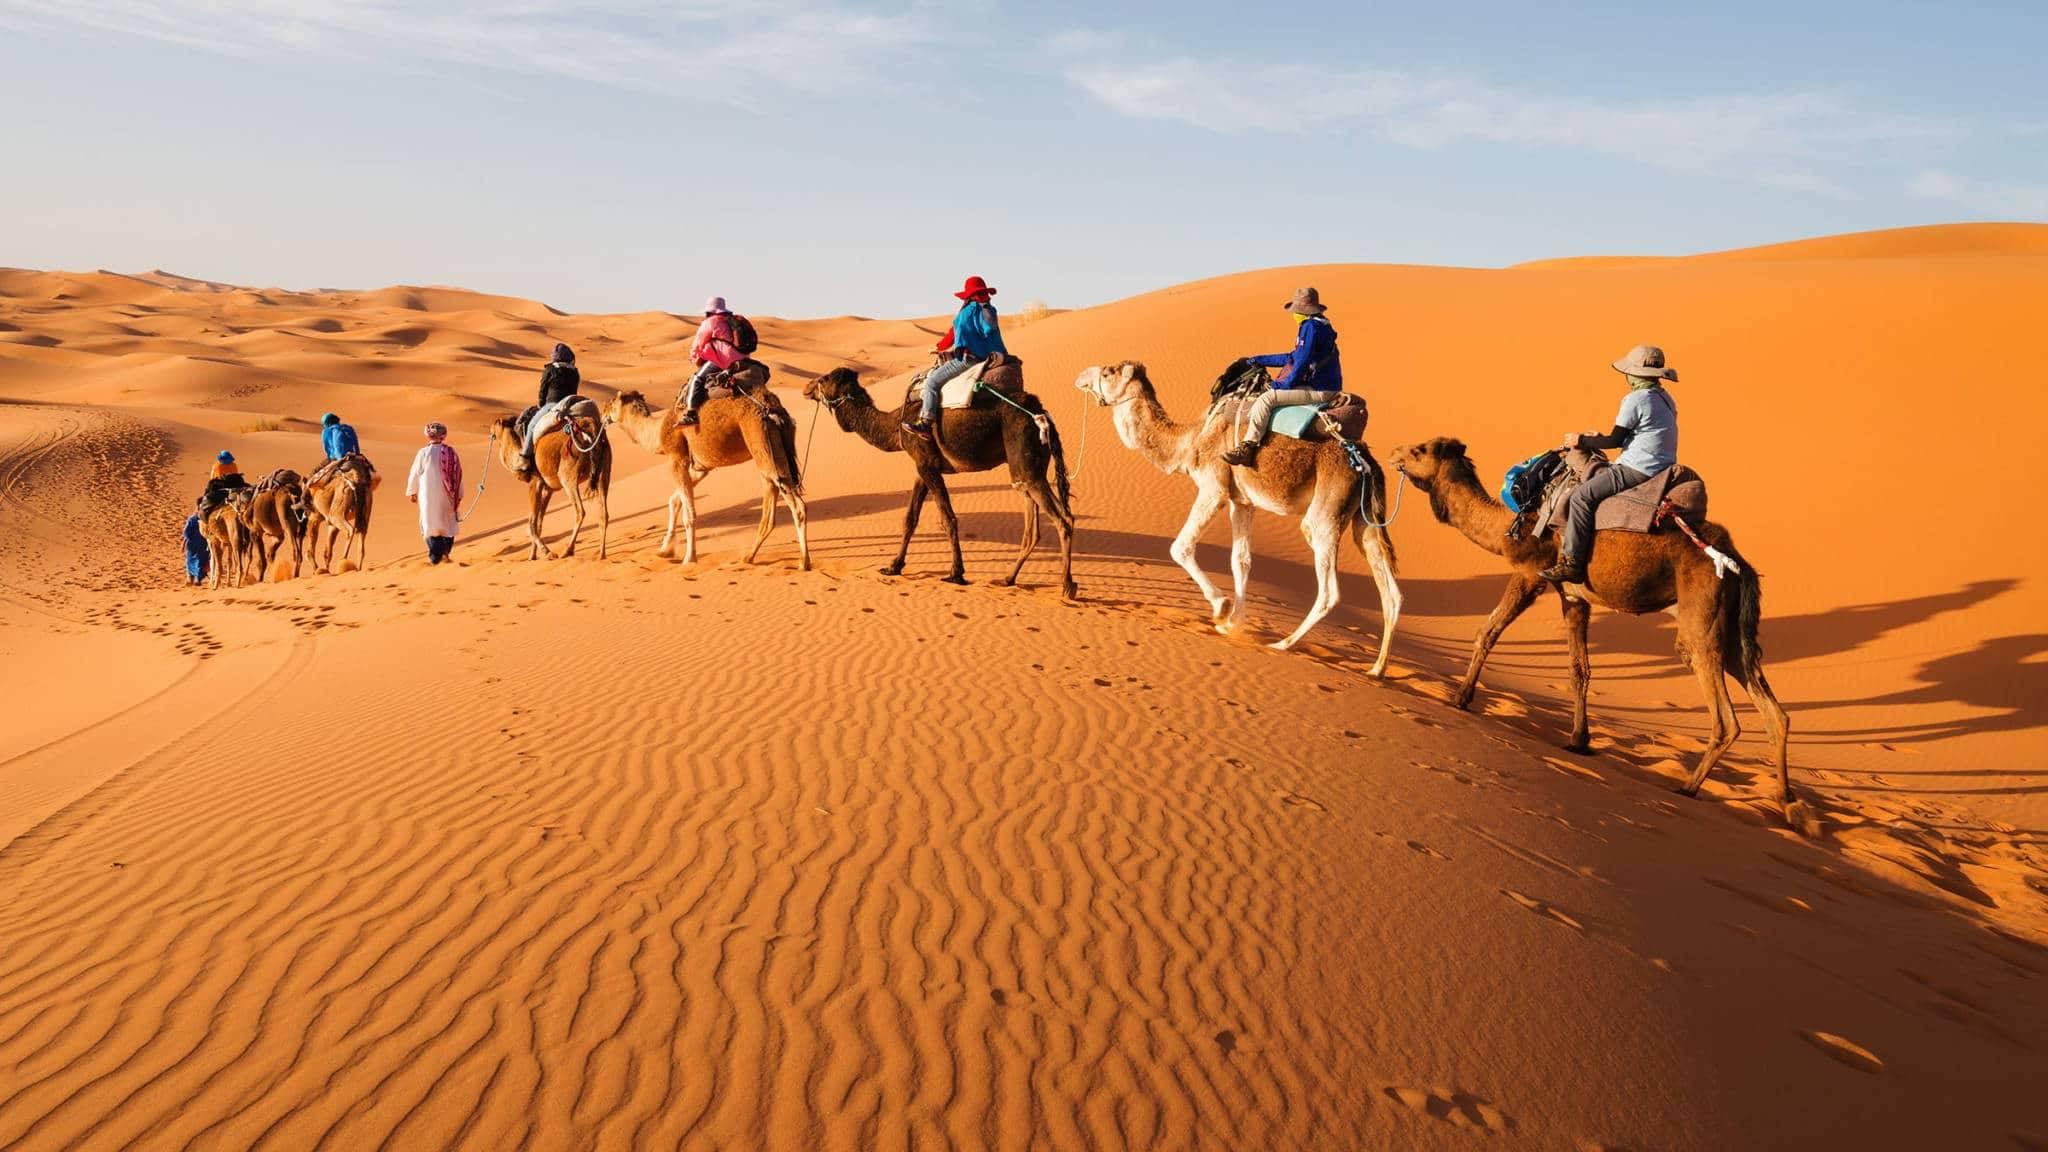 balade à dos de chameau Balade à dos de chameau El Sahara un desierto unico e1541182961551